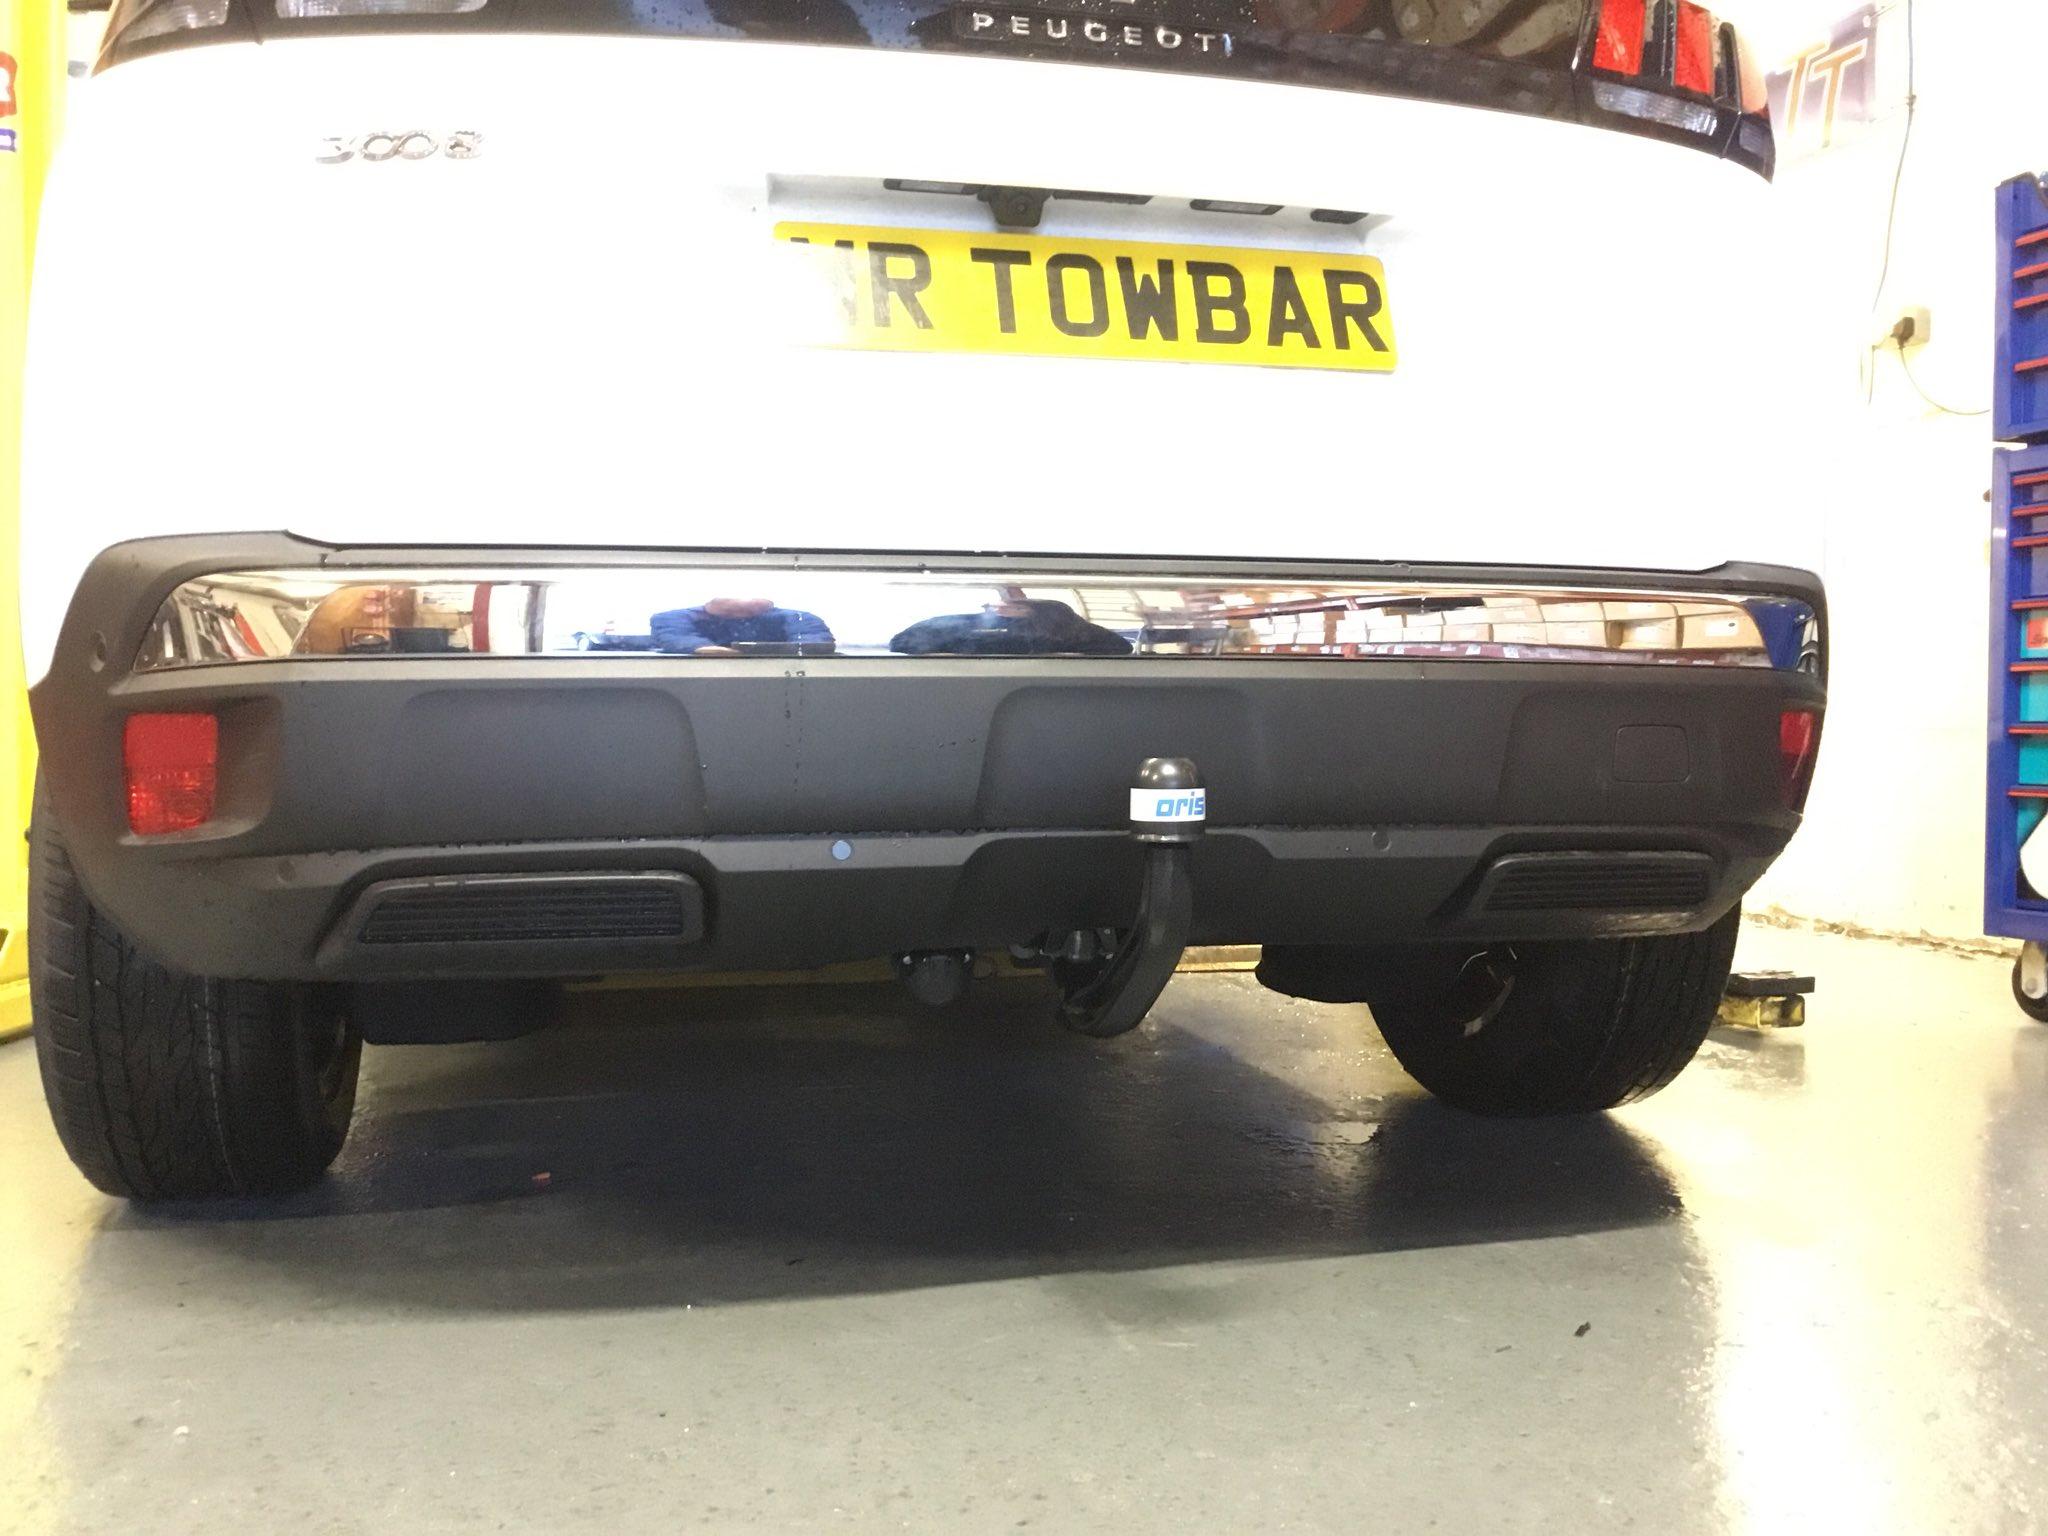 Peugeot 3008 Towbar 3008 to 2017 Tow Bar